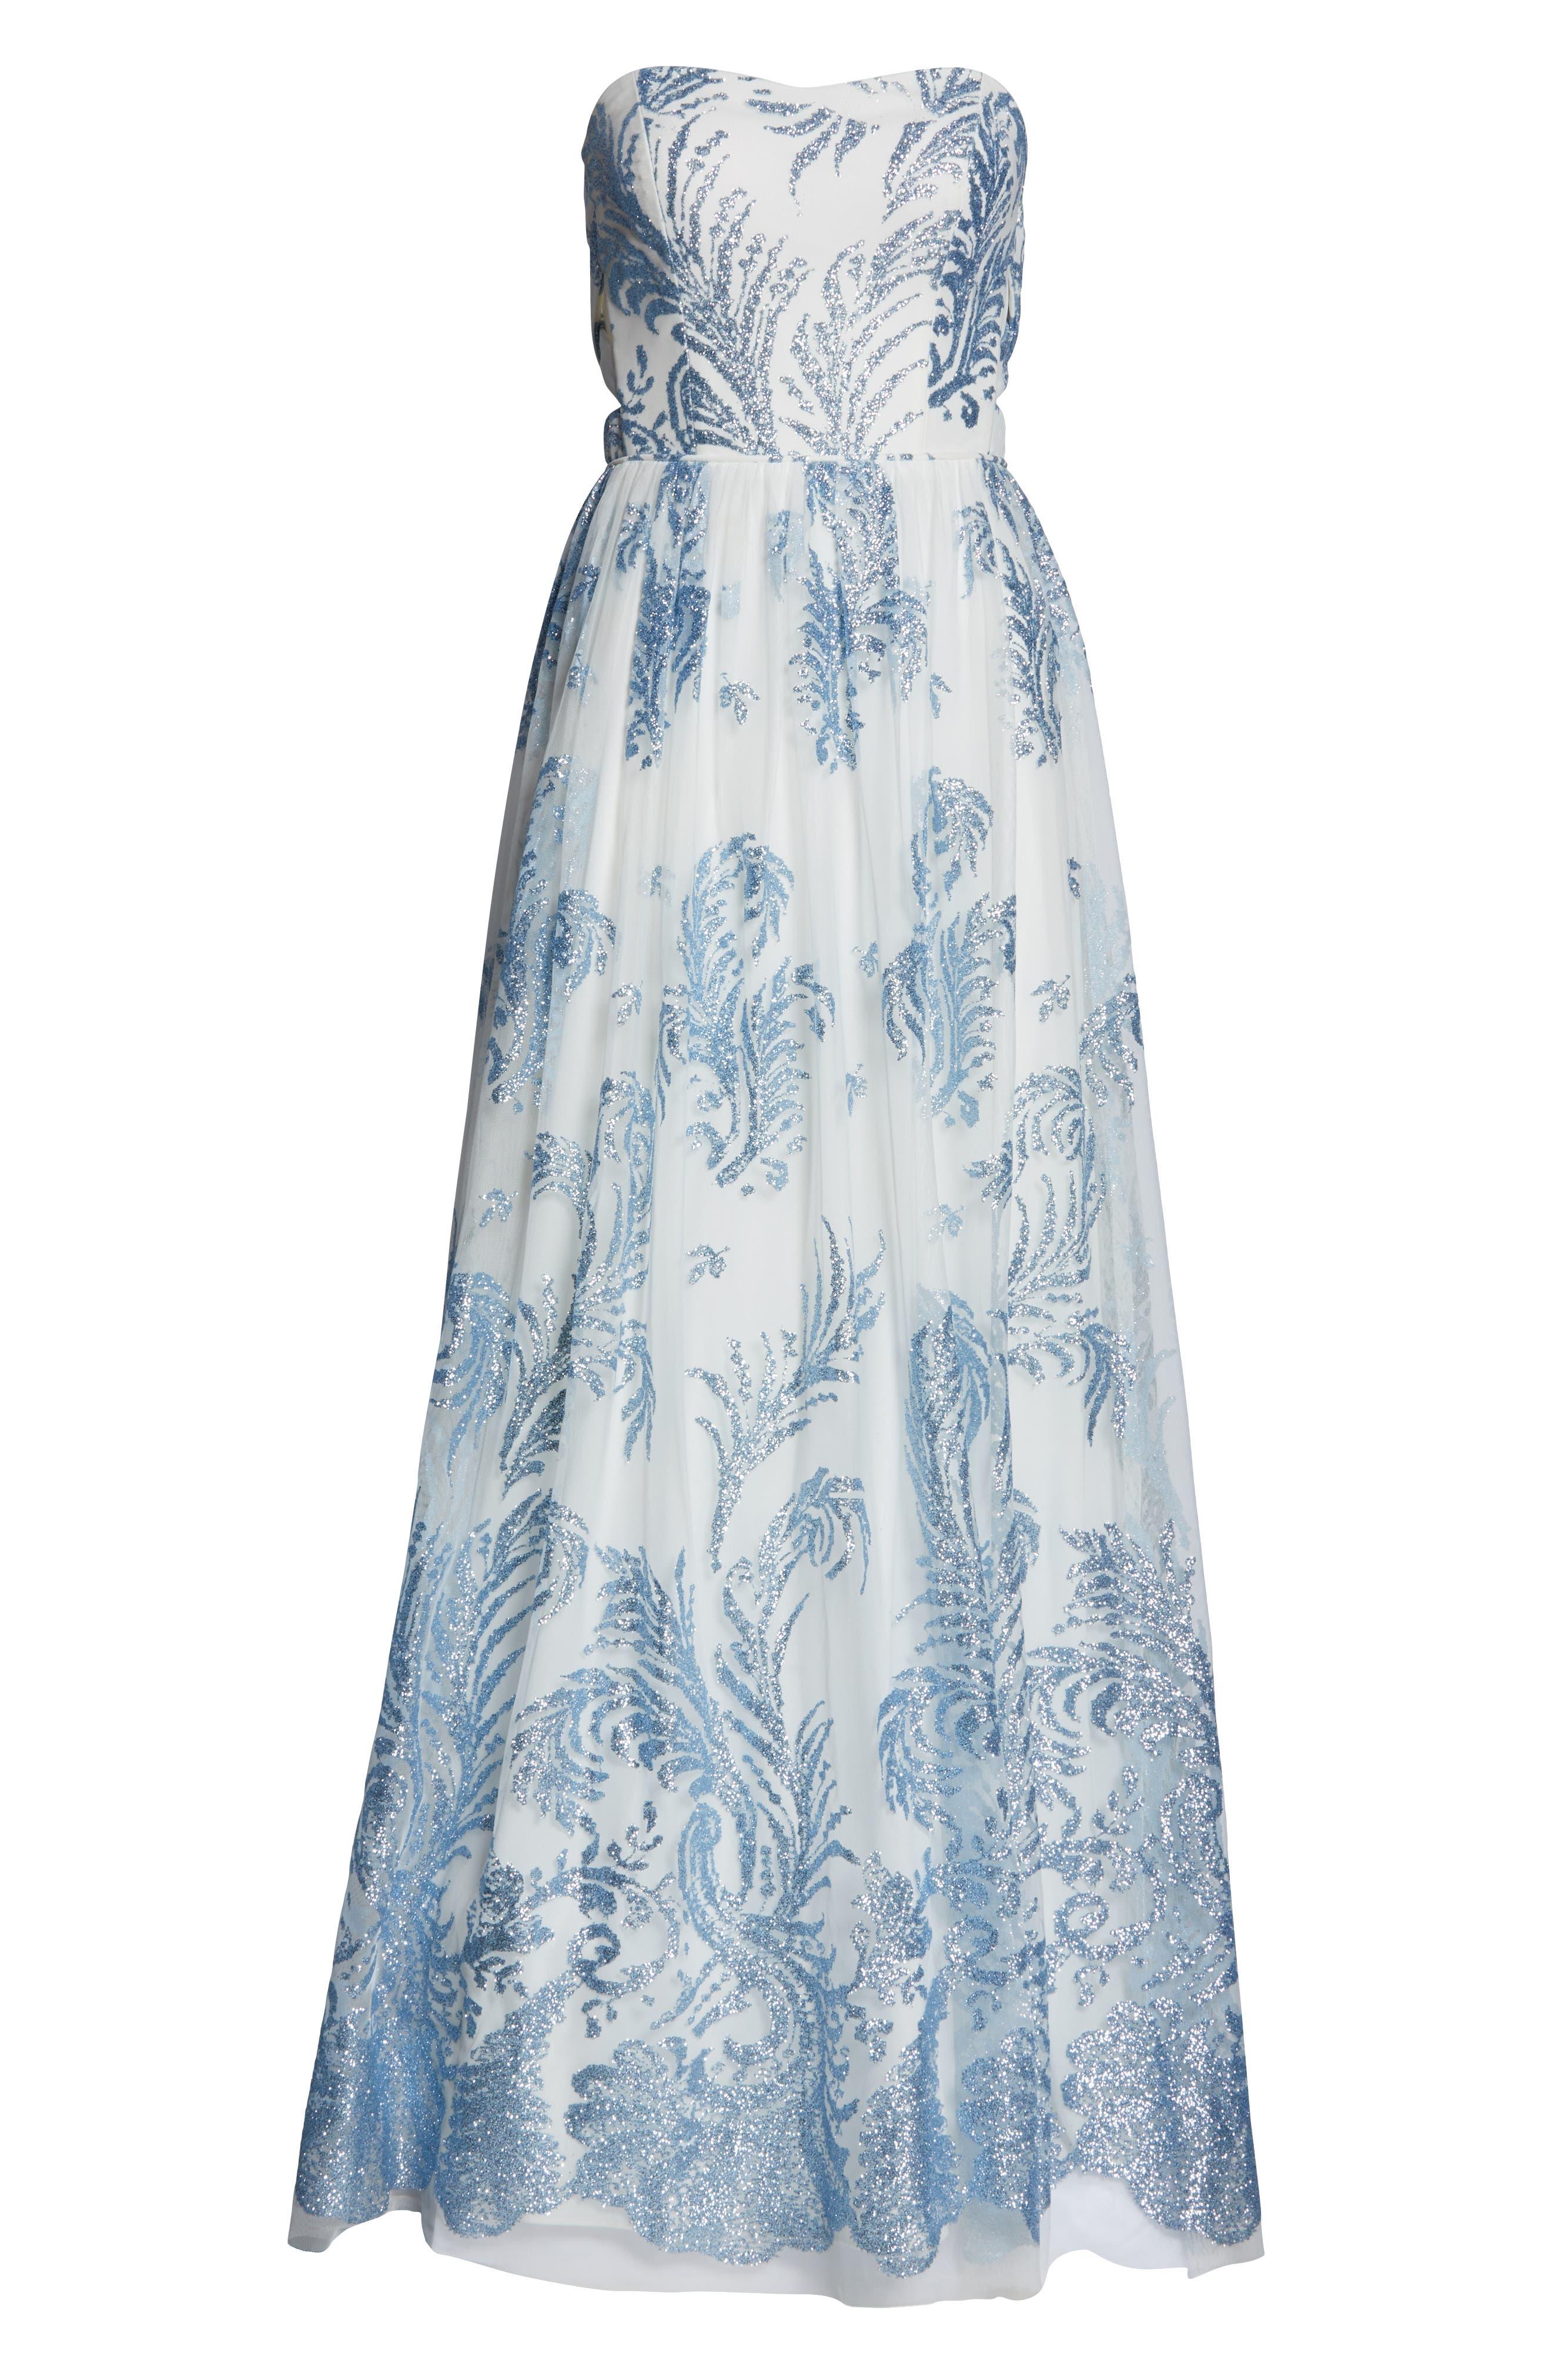 Strapless Glitter Mesh Evening Dress,                             Alternate thumbnail 7, color,                             IVORY/ BLUE